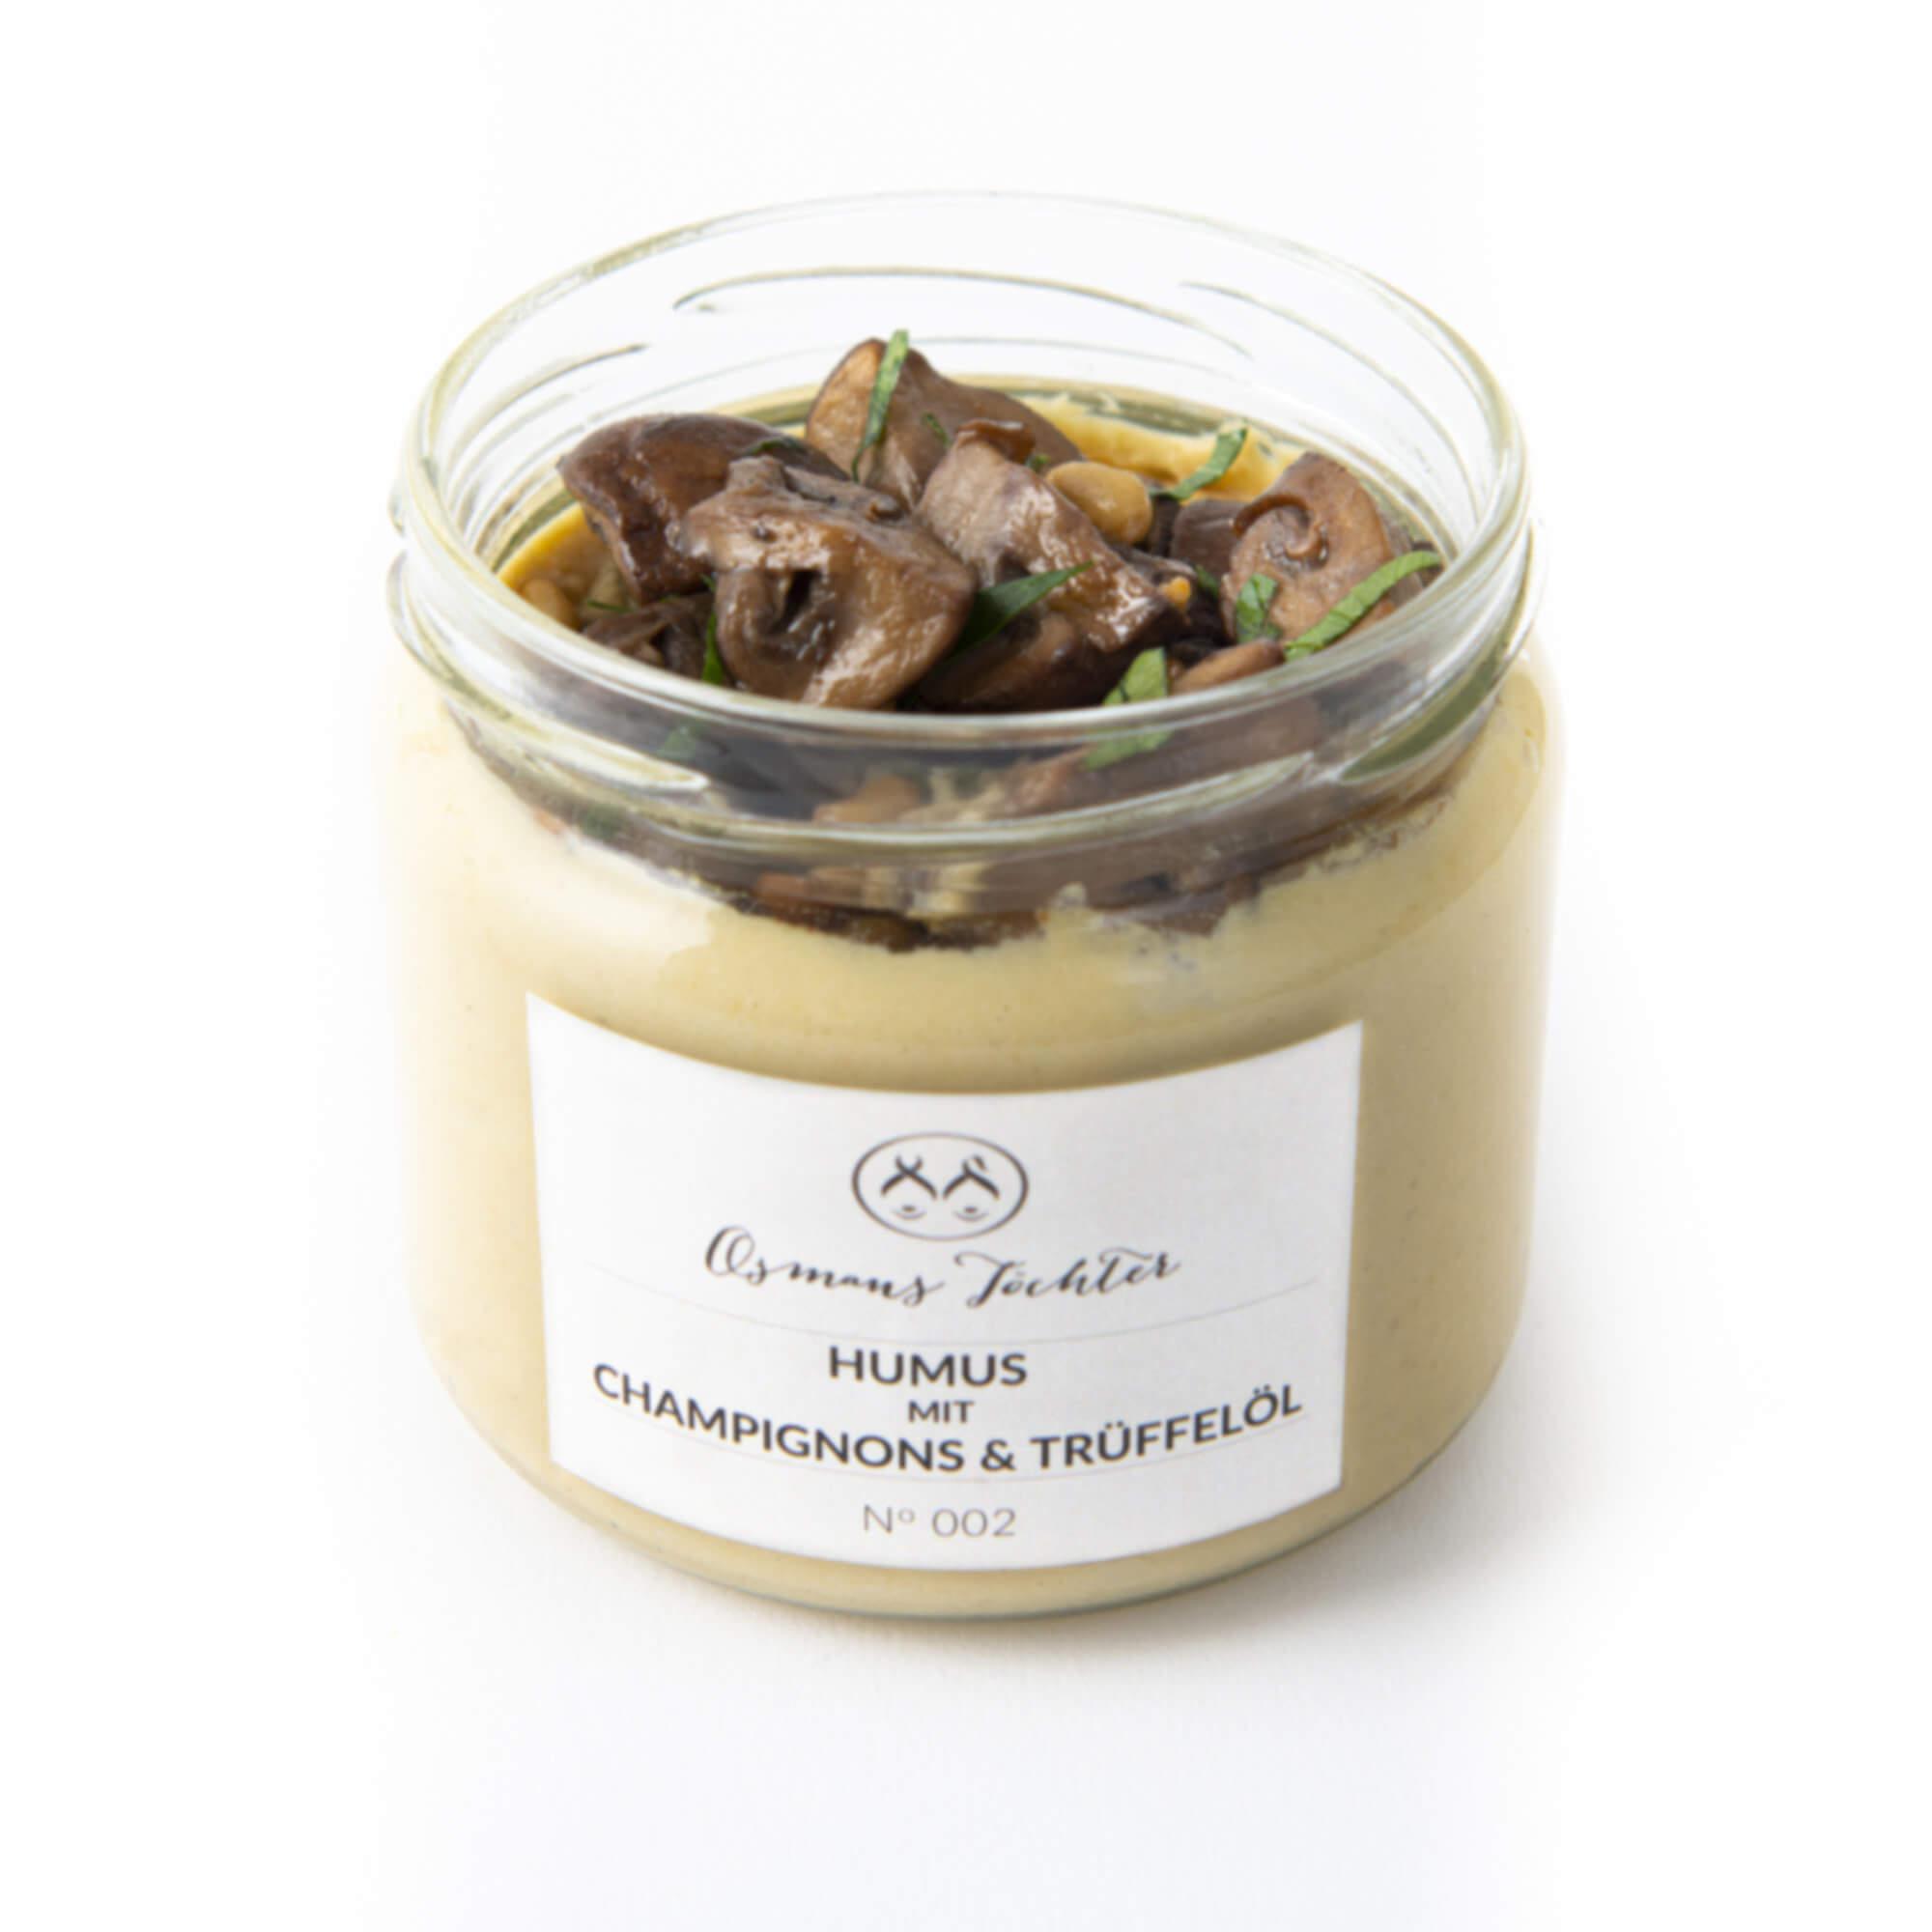 Humus mit Champignos und Trüffelöl im Glas geöffnet von vorne